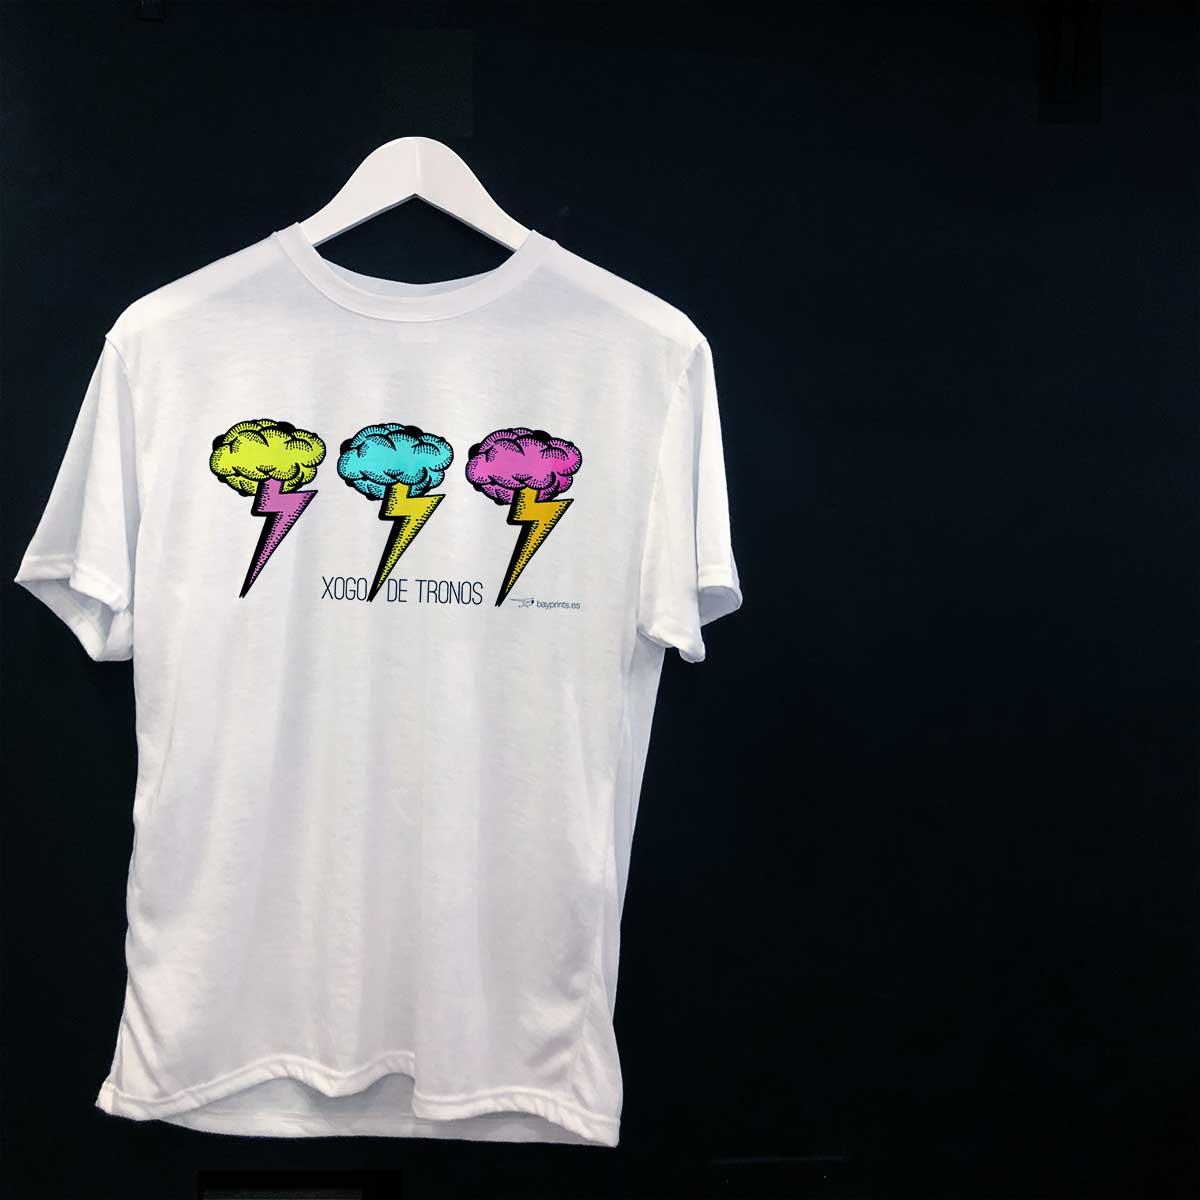 xogo de tronos que trone bayprints Baiona Bahia Baiona Baiona Pontevedra camisetas baiona camisetas personalizadas tienda souvenirs creativos singulares originales en Baiona Bayprints